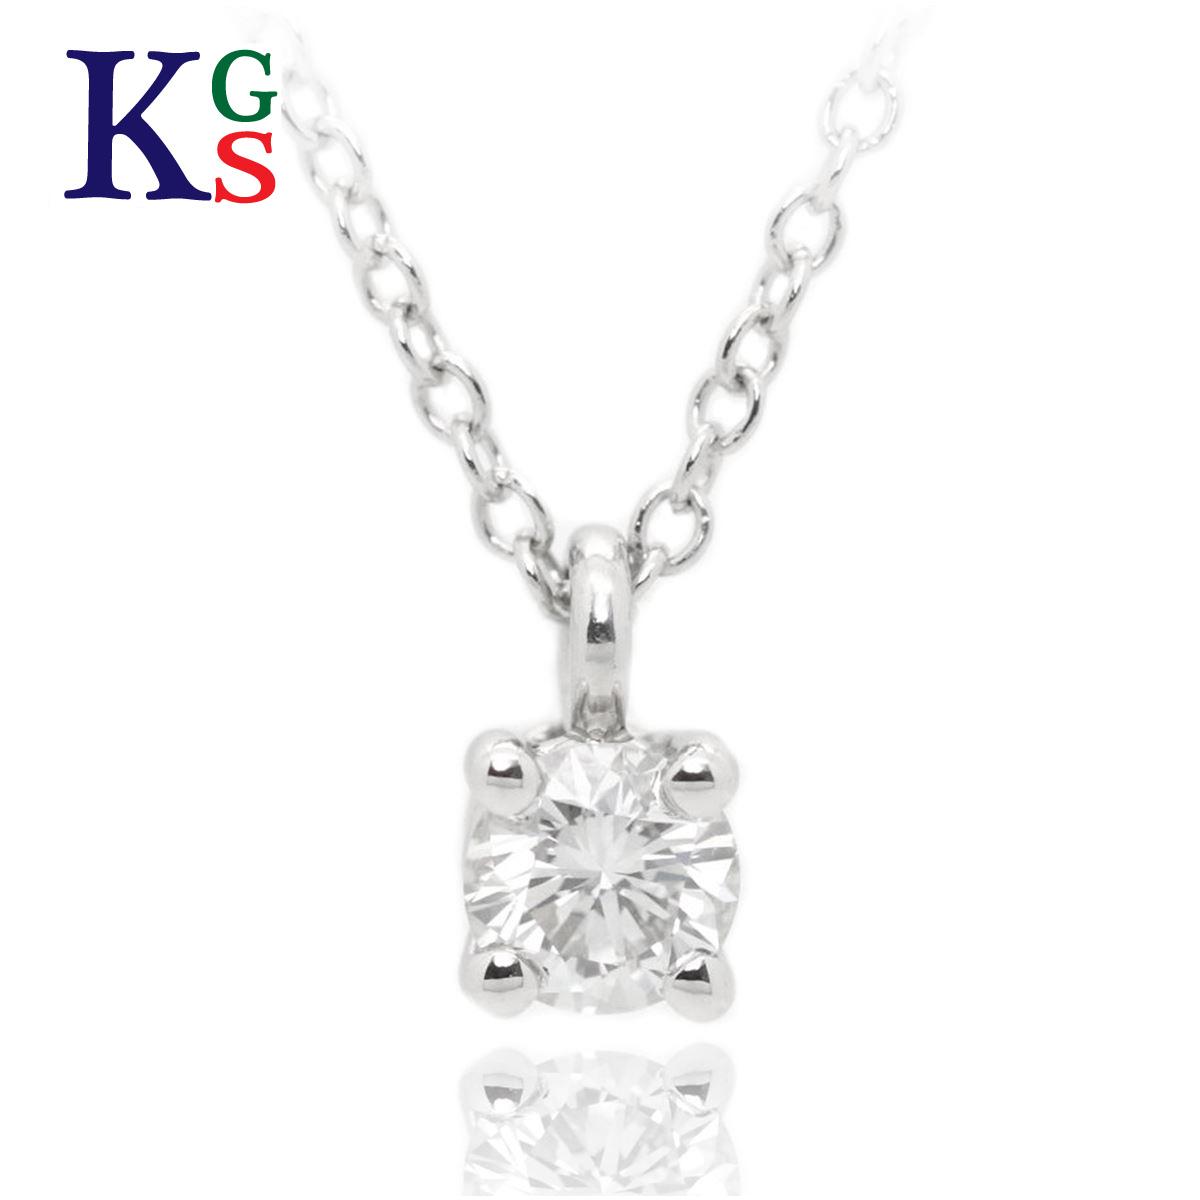 【ギフト品質】ティファニー/Tiffany&co レディース ジュエリー ソリティア ネックレス Pt950 ダイヤ 0.12ct プラチナ